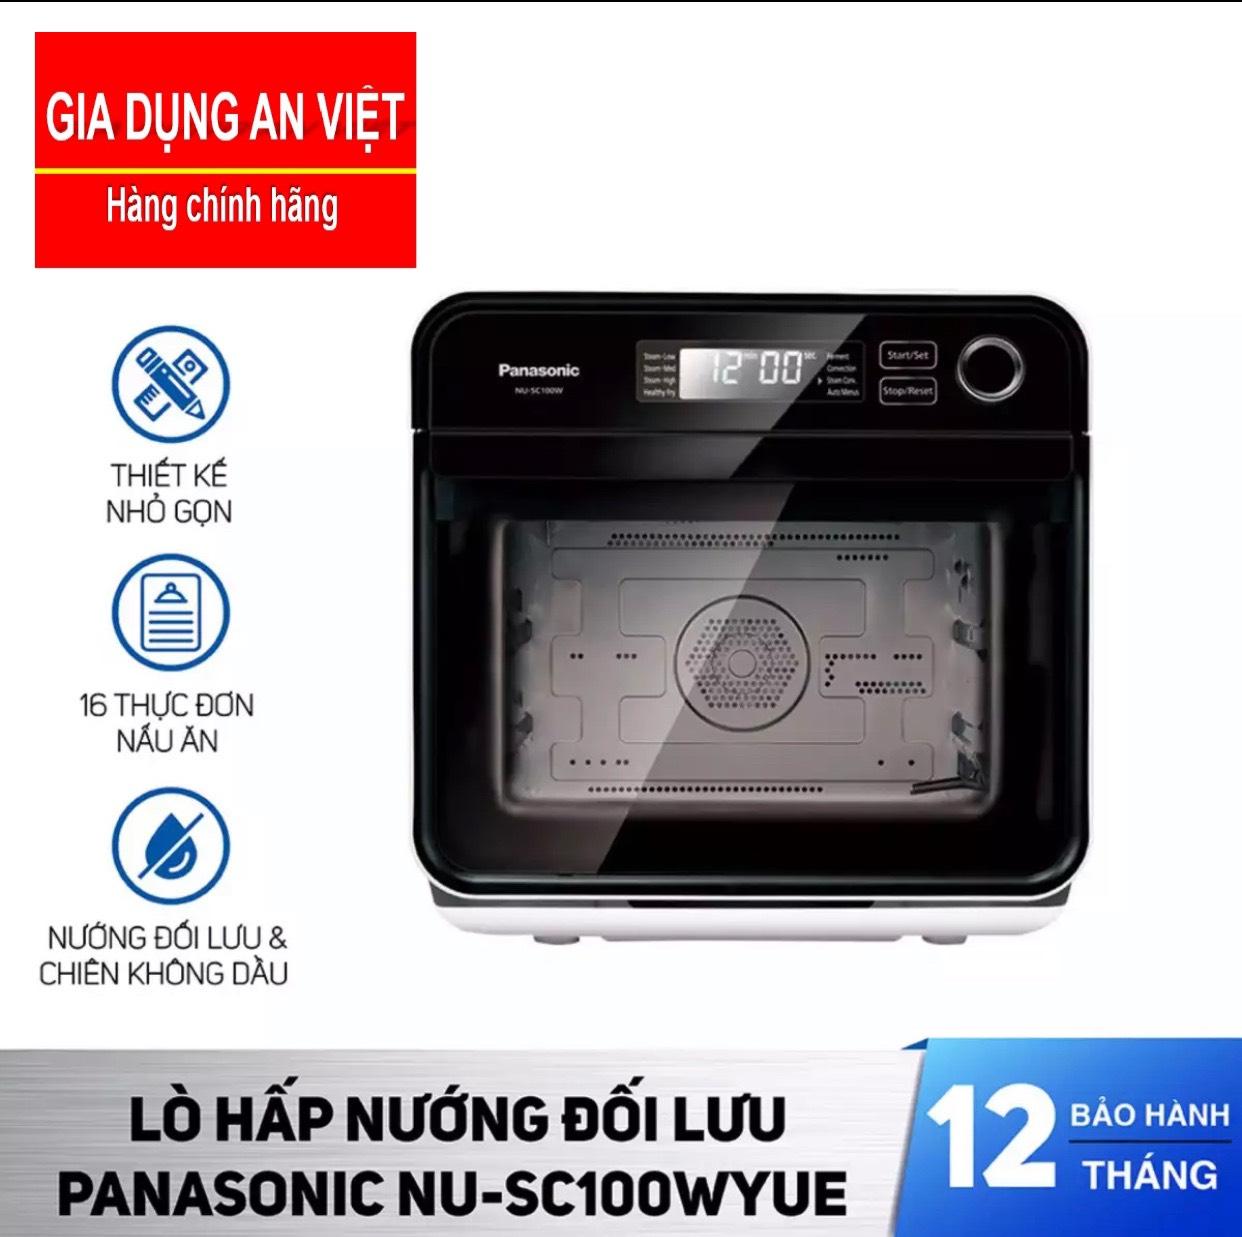 Lò Chiên Nướng Hấp Không Dầu Panasonic NU-SC100WYUE 15 Lít - Chiên không dầu giảm 80% lượng mỡ tiêu thụ - Kết hợp cả hấp